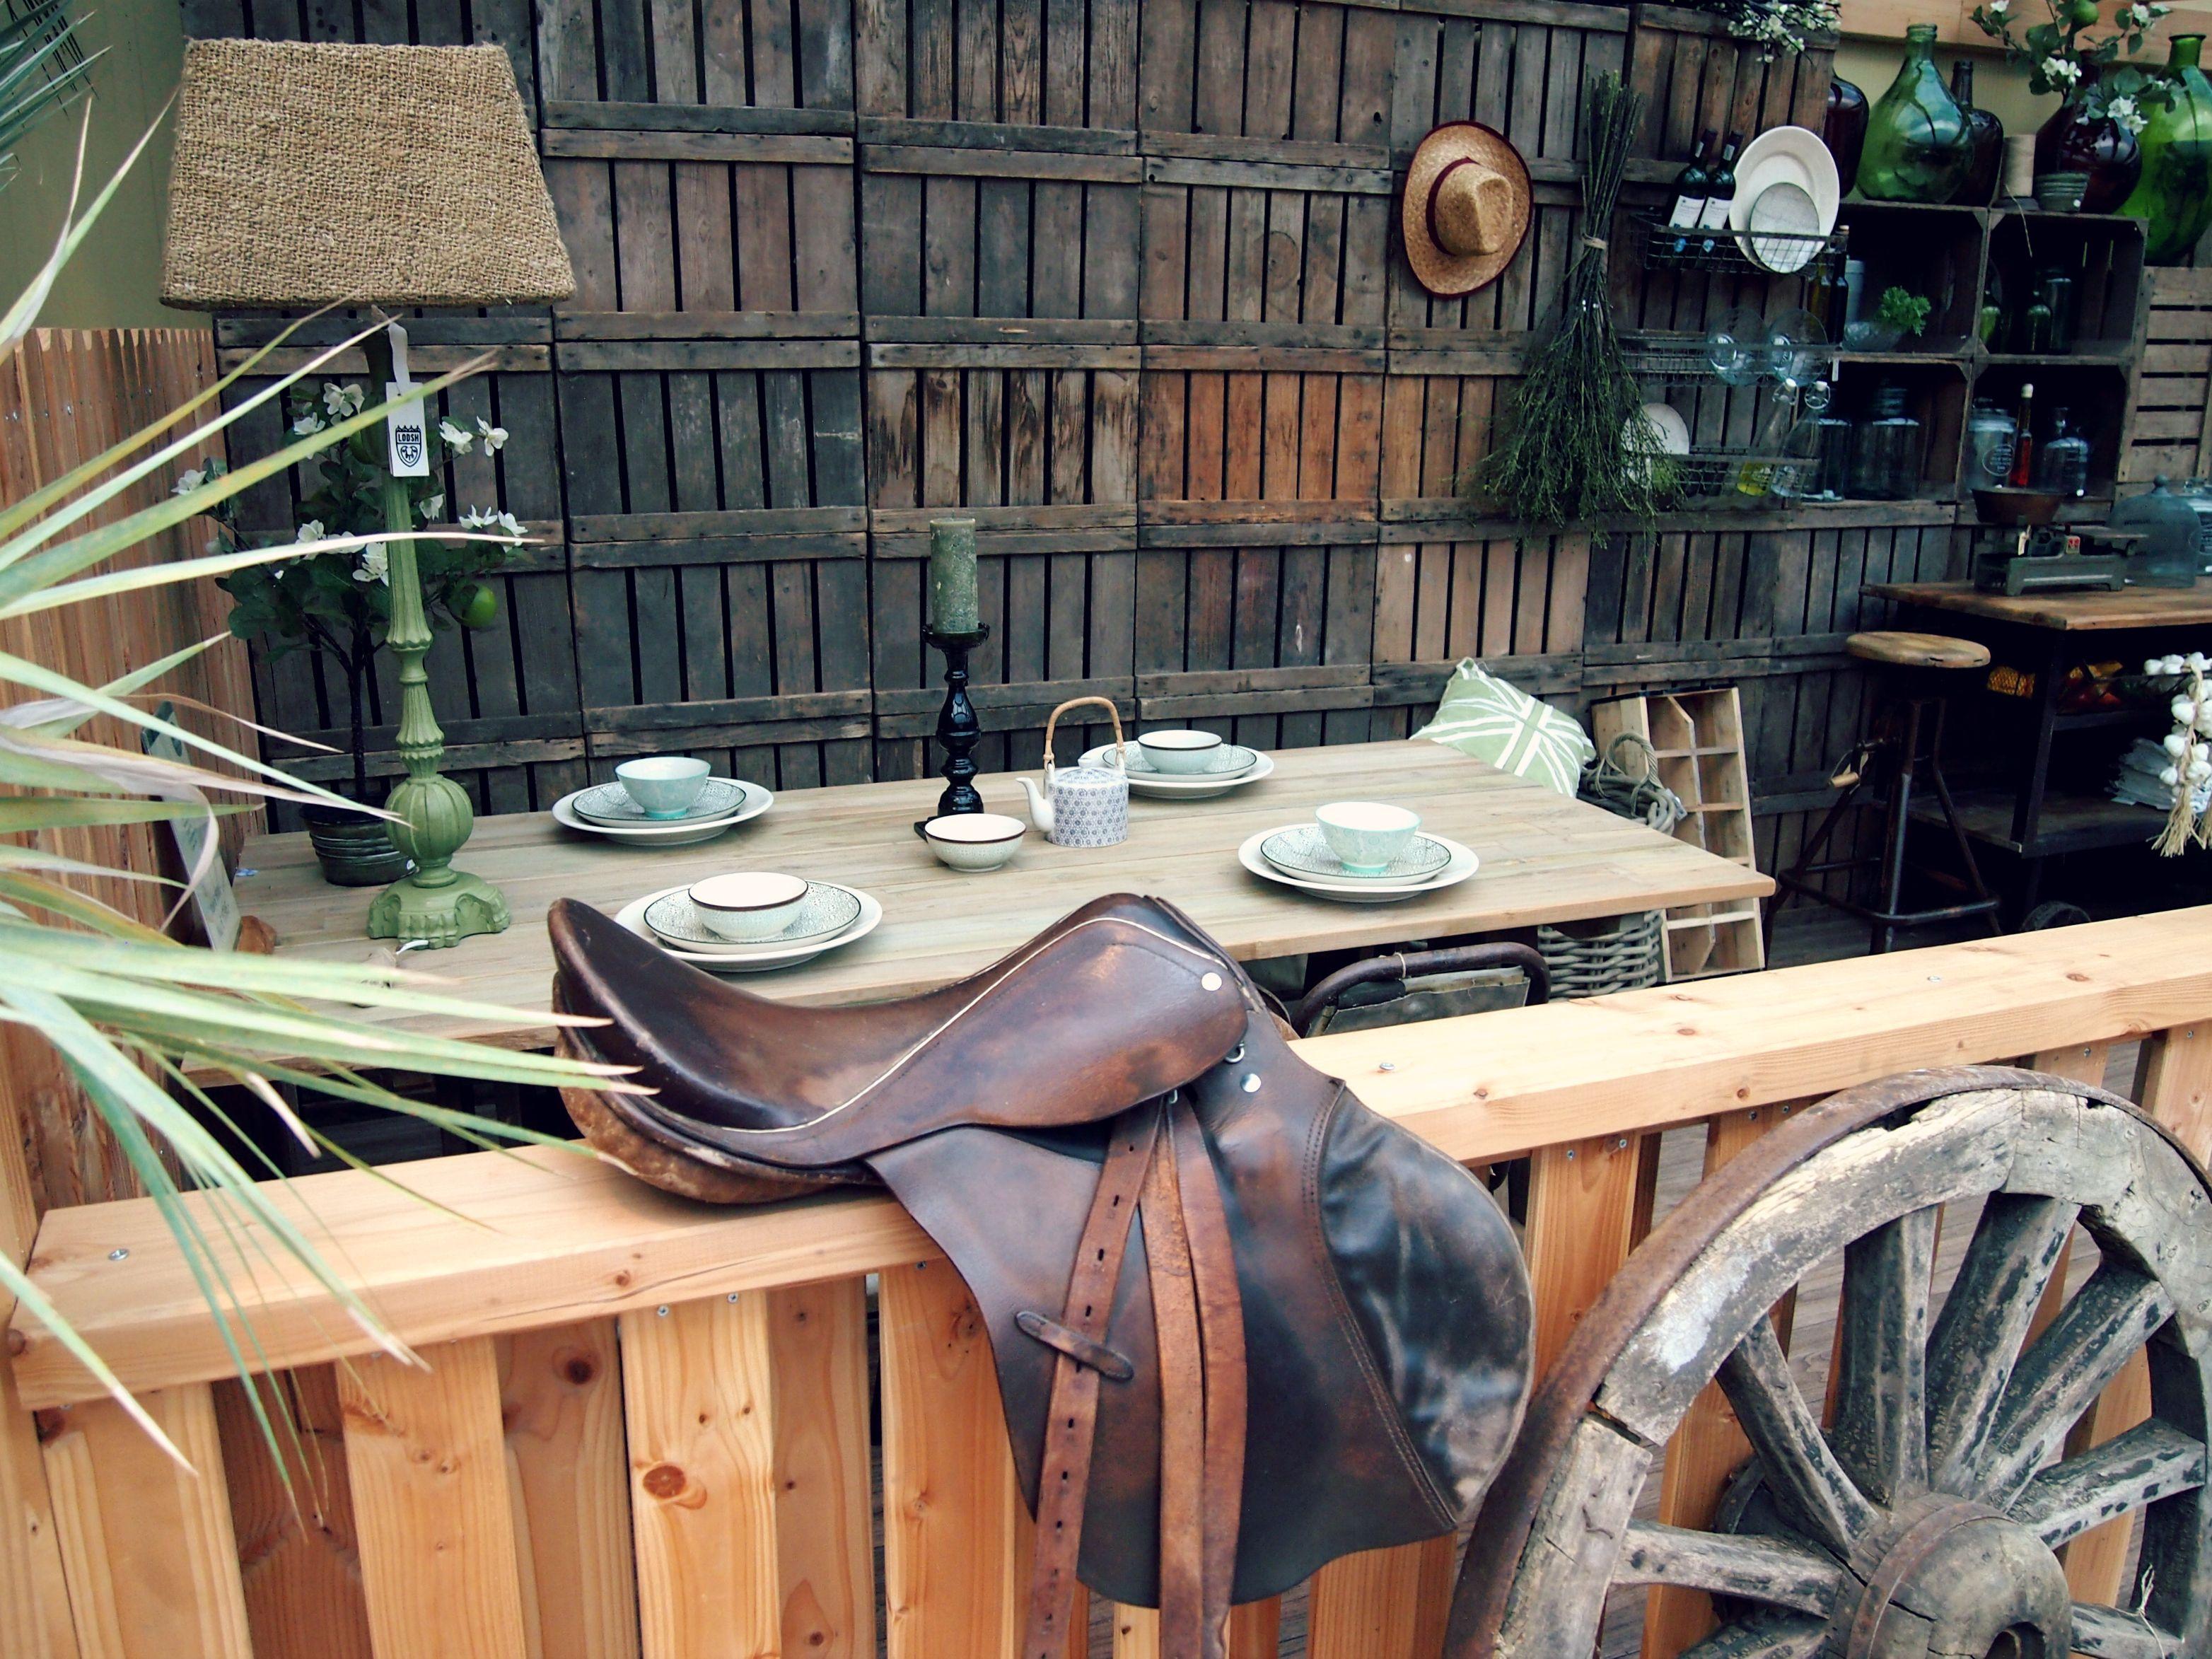 #tuinhuis #veranda #inrichting #details #warme #groene #accenten #decoratie #accessoires #porch #garden #house #log #cabin #interiour #green #warmth #warm #accents #decoration #inspiration #fonteyn #outdoor #living #mall ♥